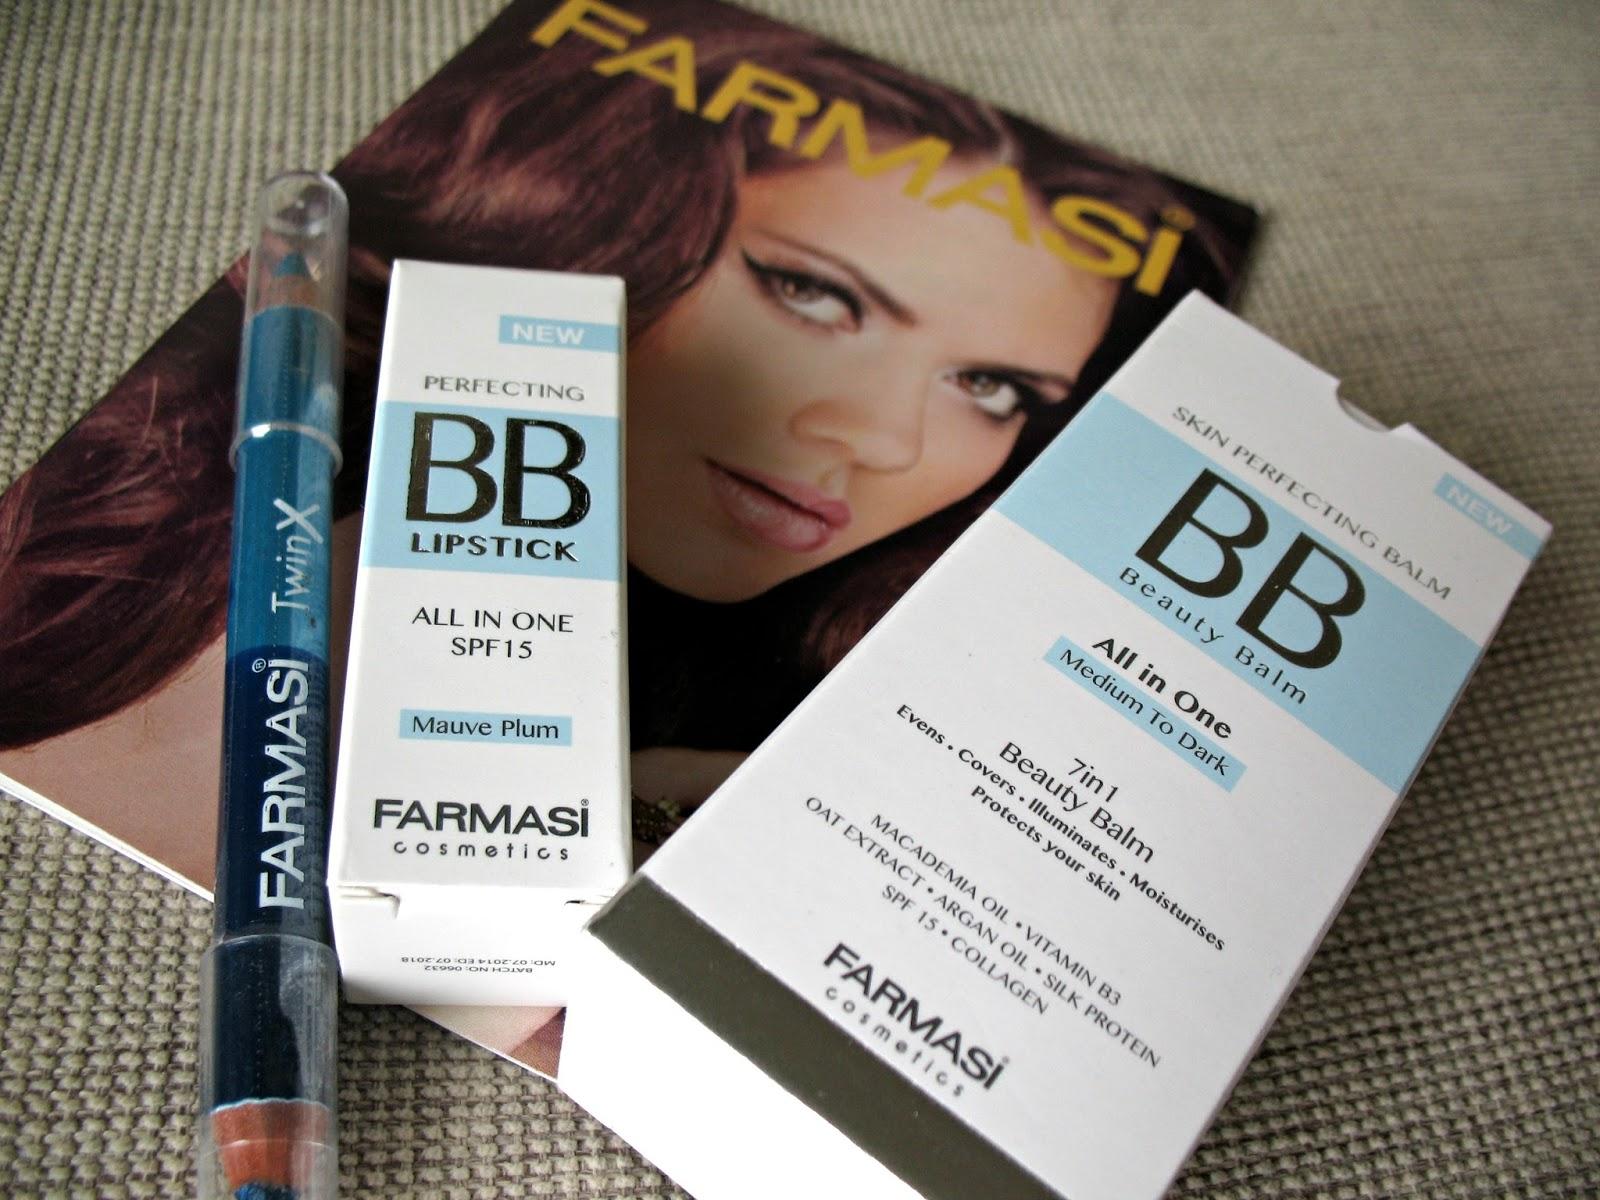 Farmasi_bb_lipstick_twinX_02